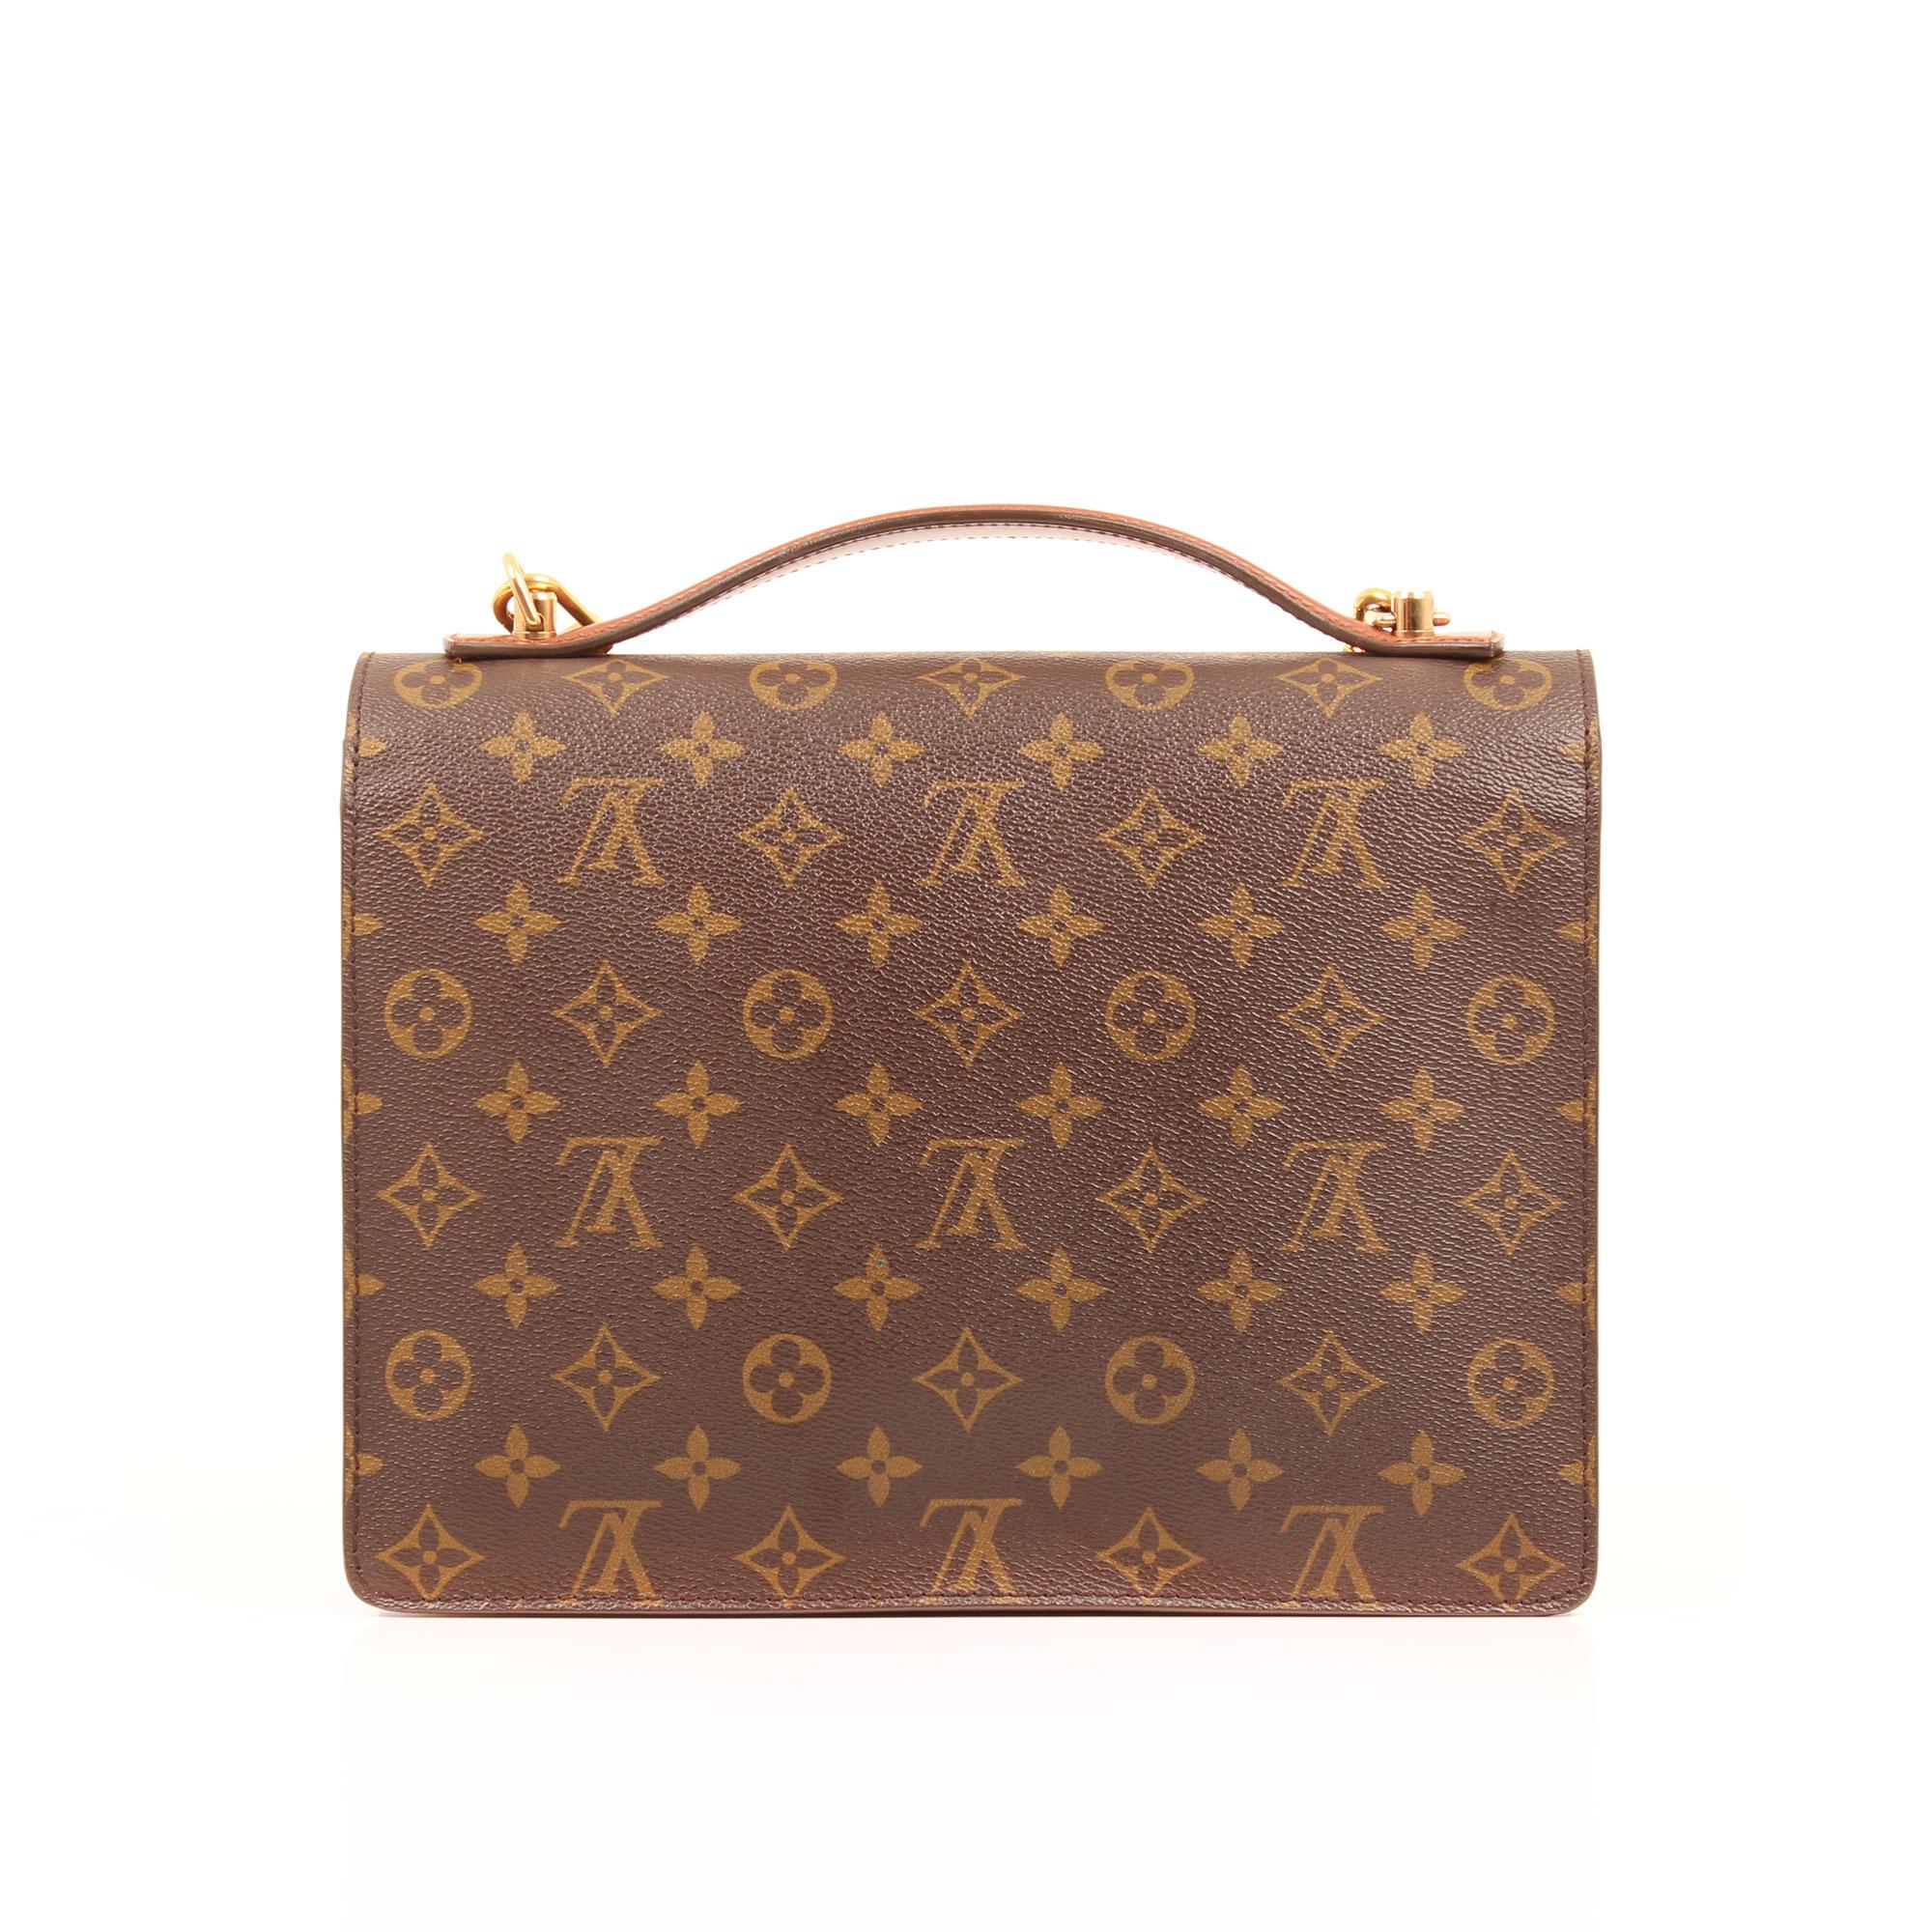 Imagen trasera del bolso bandolera louis vuitton monceau 28 monogram